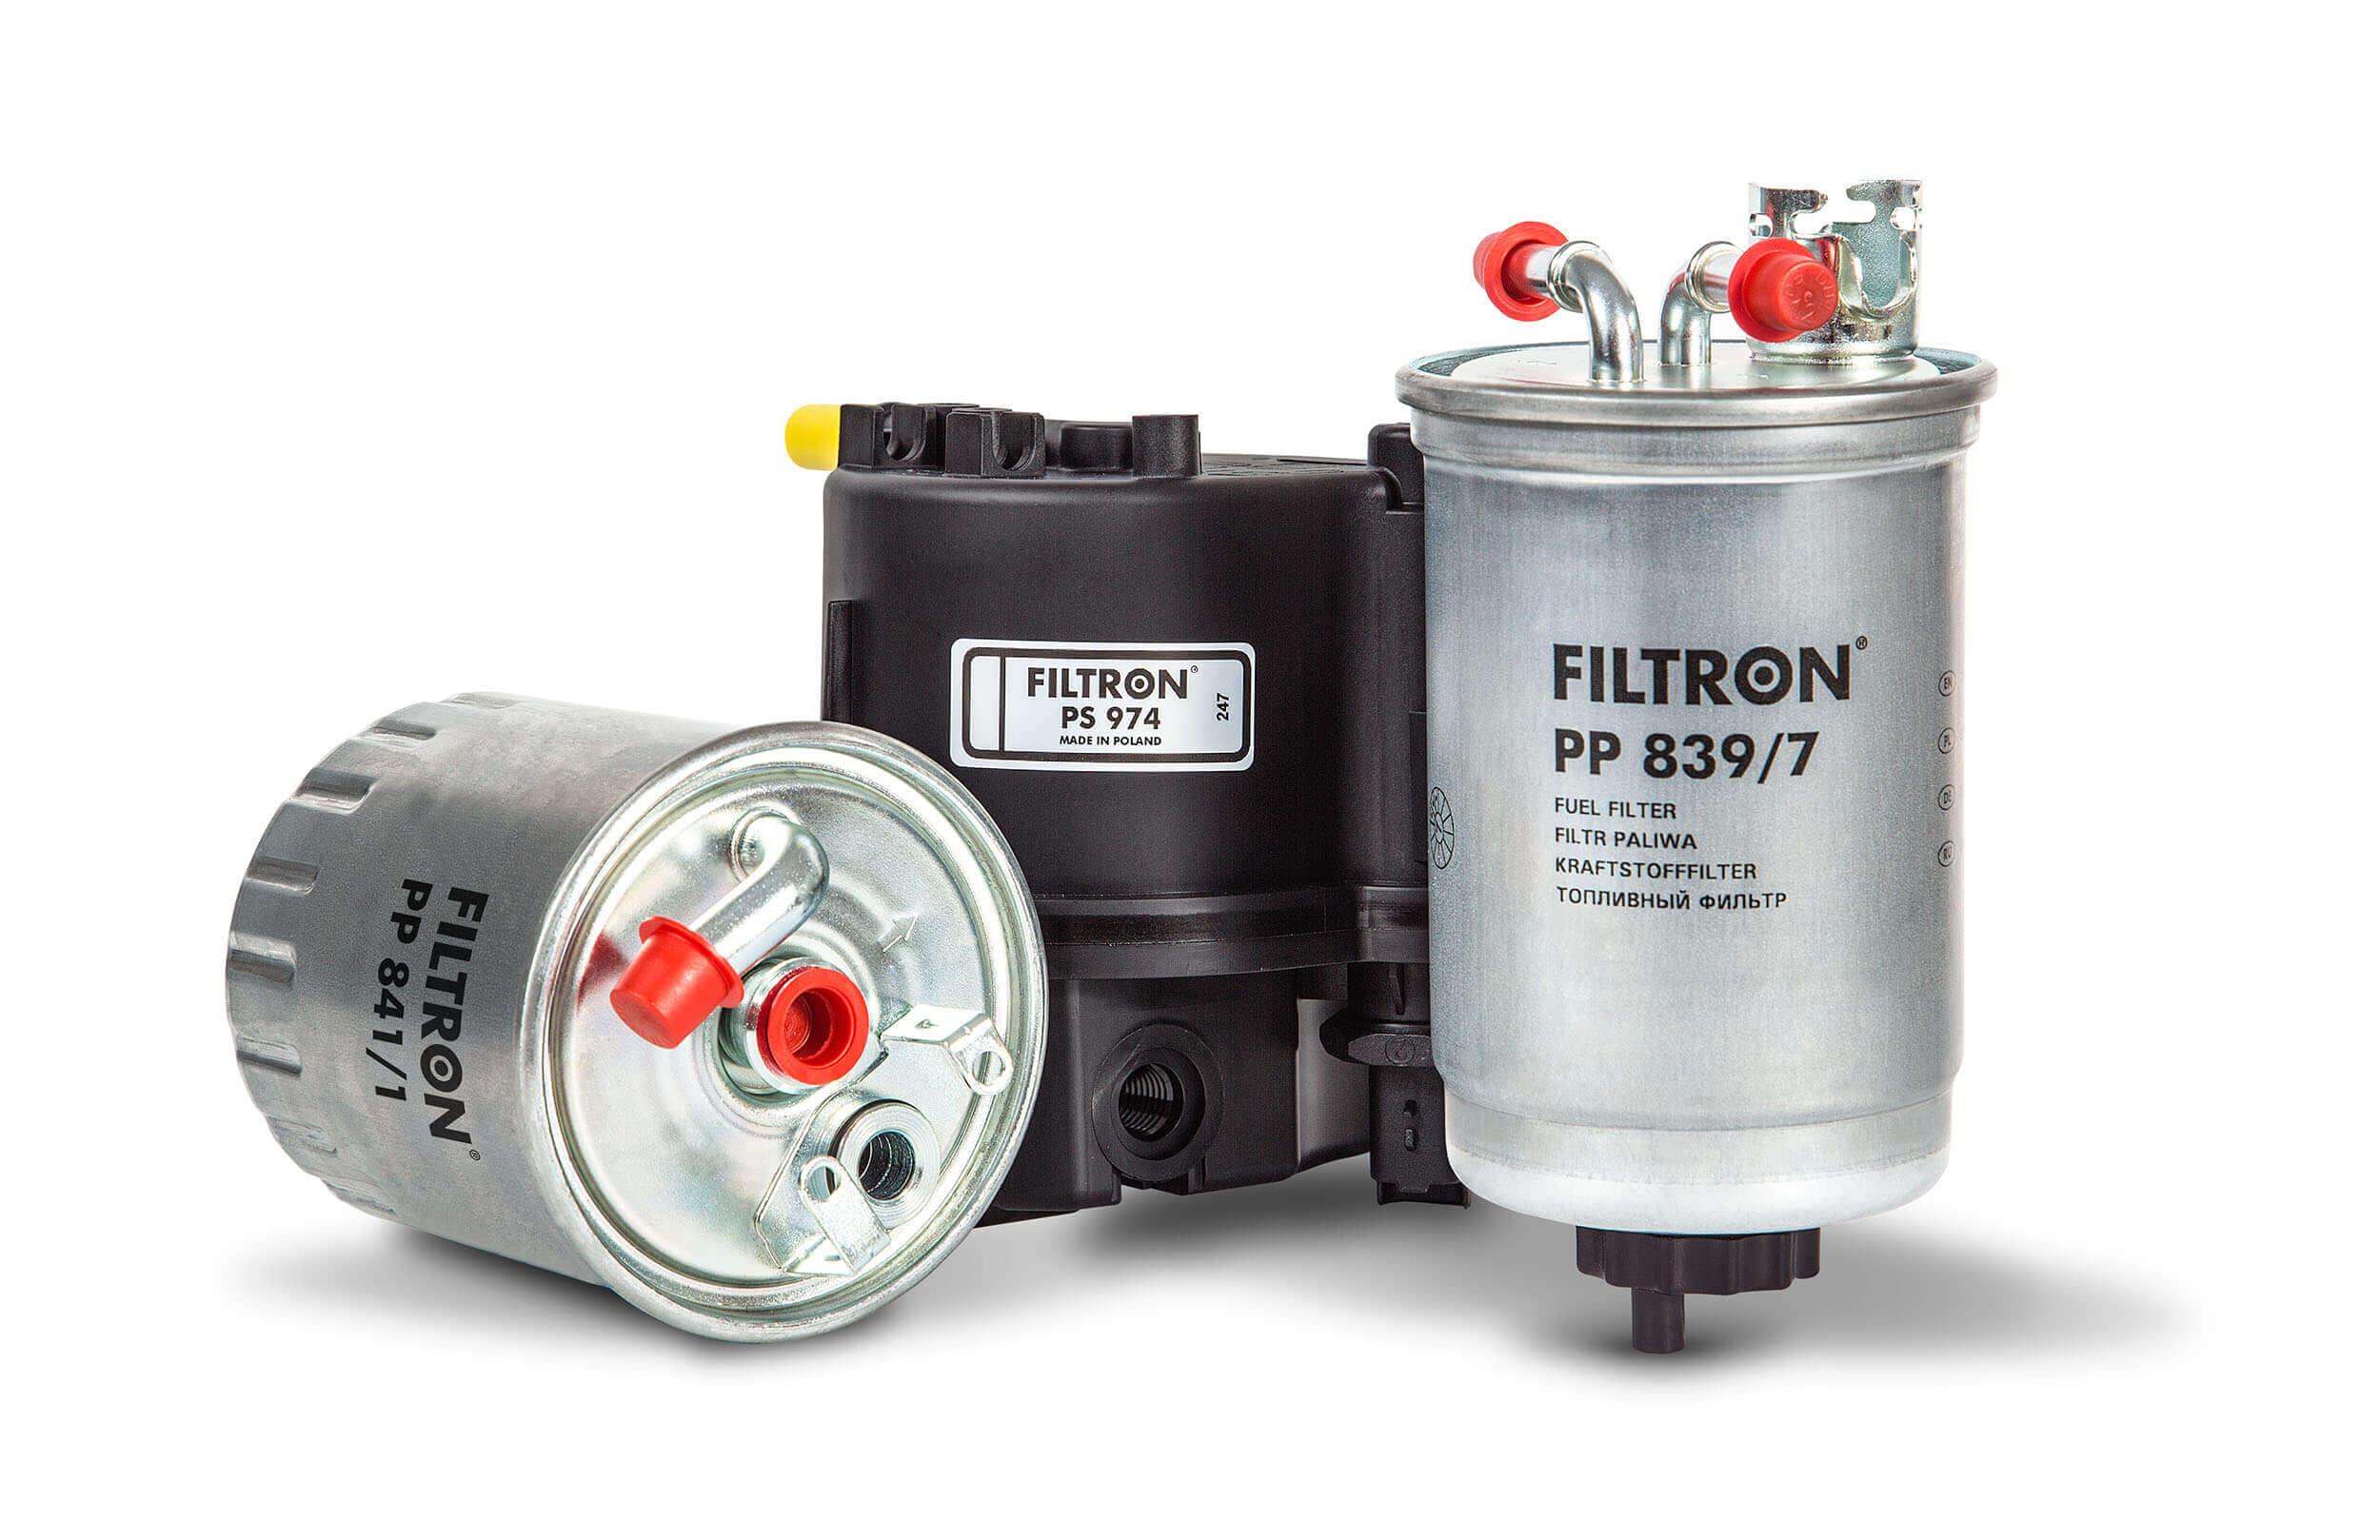 Filtron - palivovy filtr s připojením